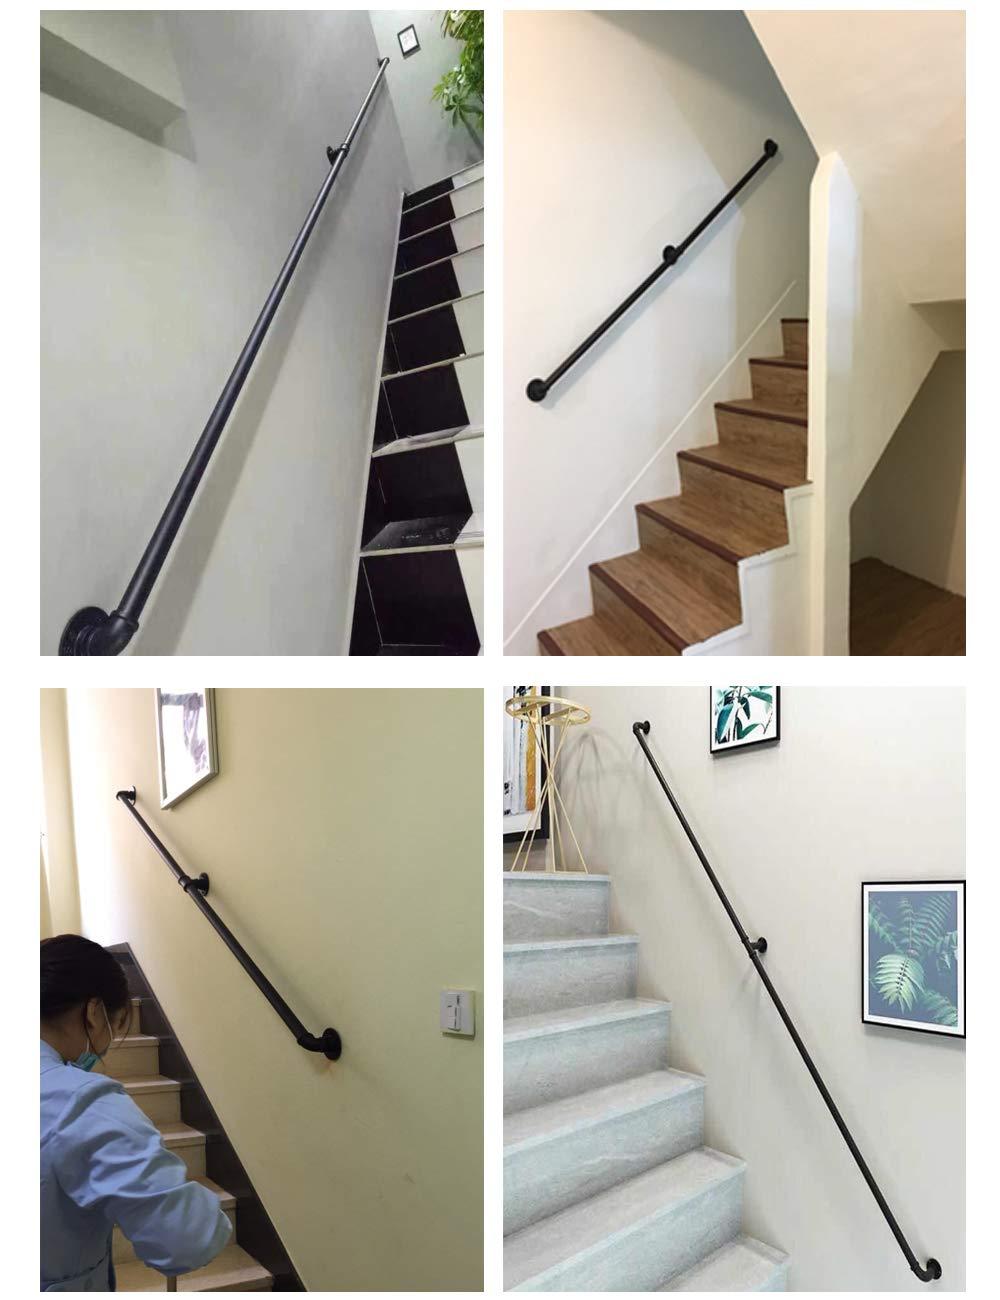 Bar, YHYS Treppenschutz-Armlehne geeignet f/ür Innen und Au/ßen Treppengel/änder aus verzinktem rutschfestem Farbverfahren Multi-Size 30cm - 600cm Villa